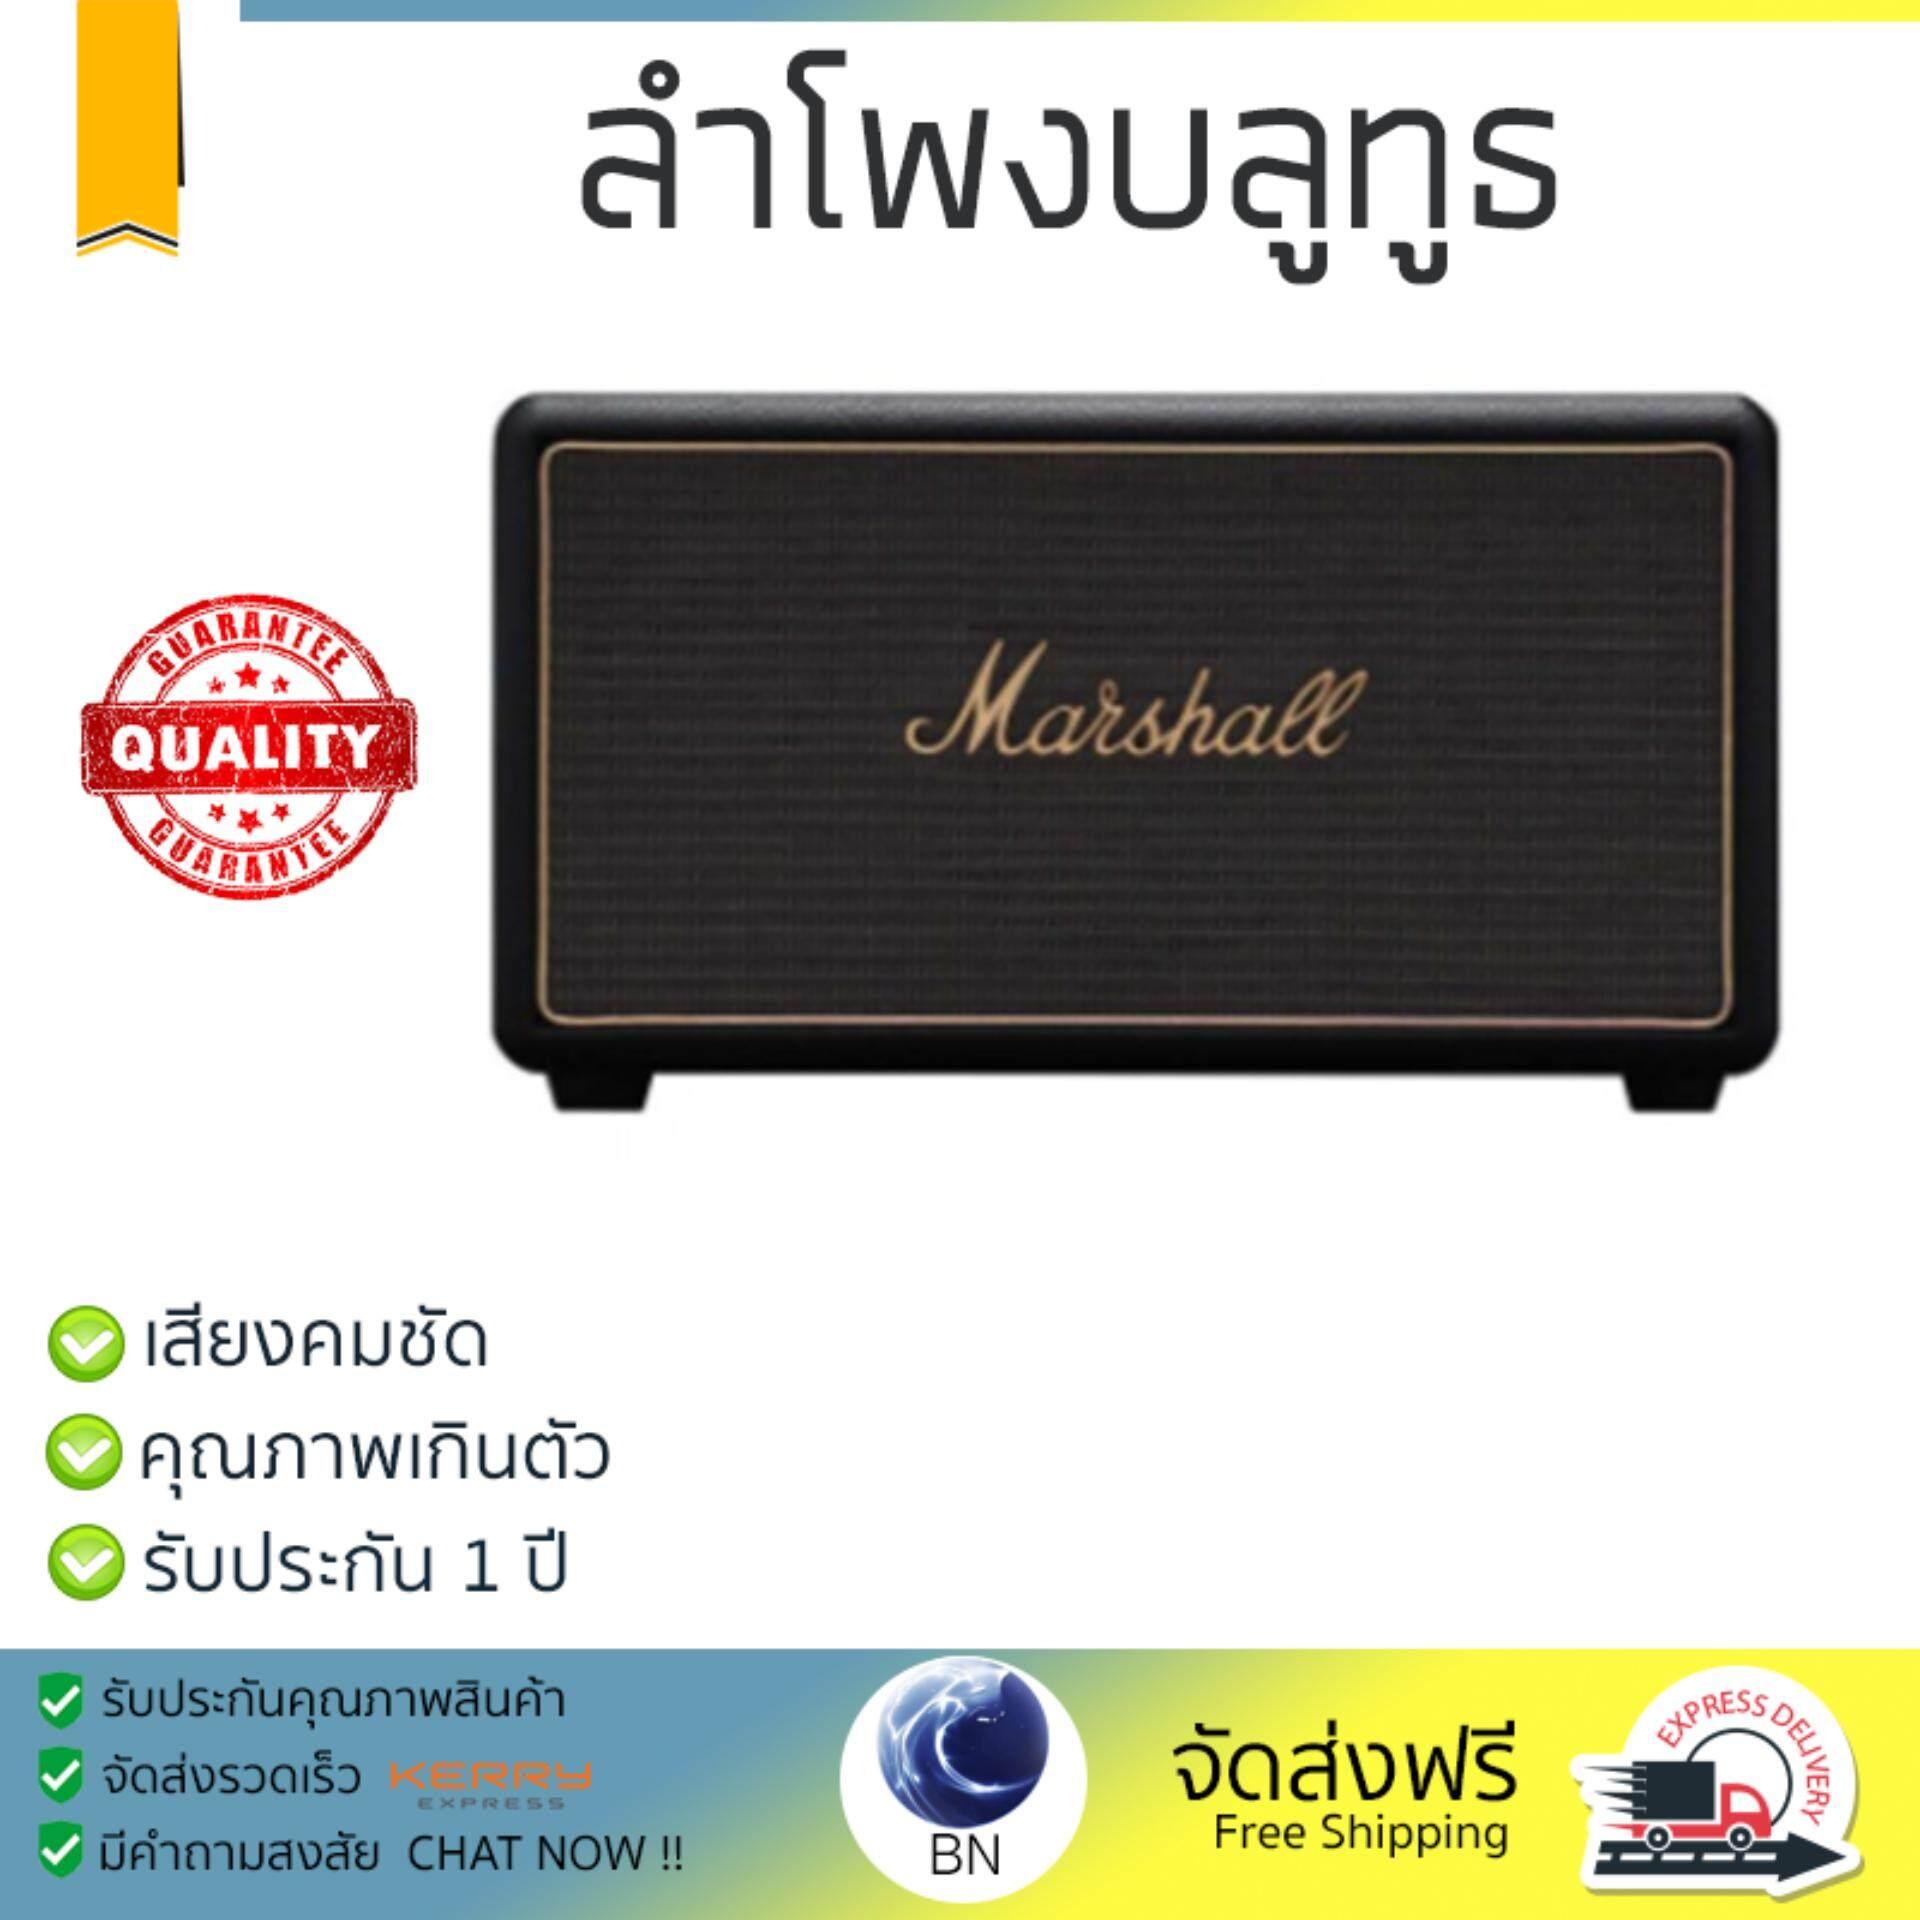 สอนใช้งาน  สตูล จัดส่งฟรี ลำโพงบลูทูธ  Marshall Bluetooth Speaker 2.1 Stanmore Multi-Room Black เสียงใส คุณภาพเกินตัว Wireless Bluetooth Speaker รับประกัน 1 ปี